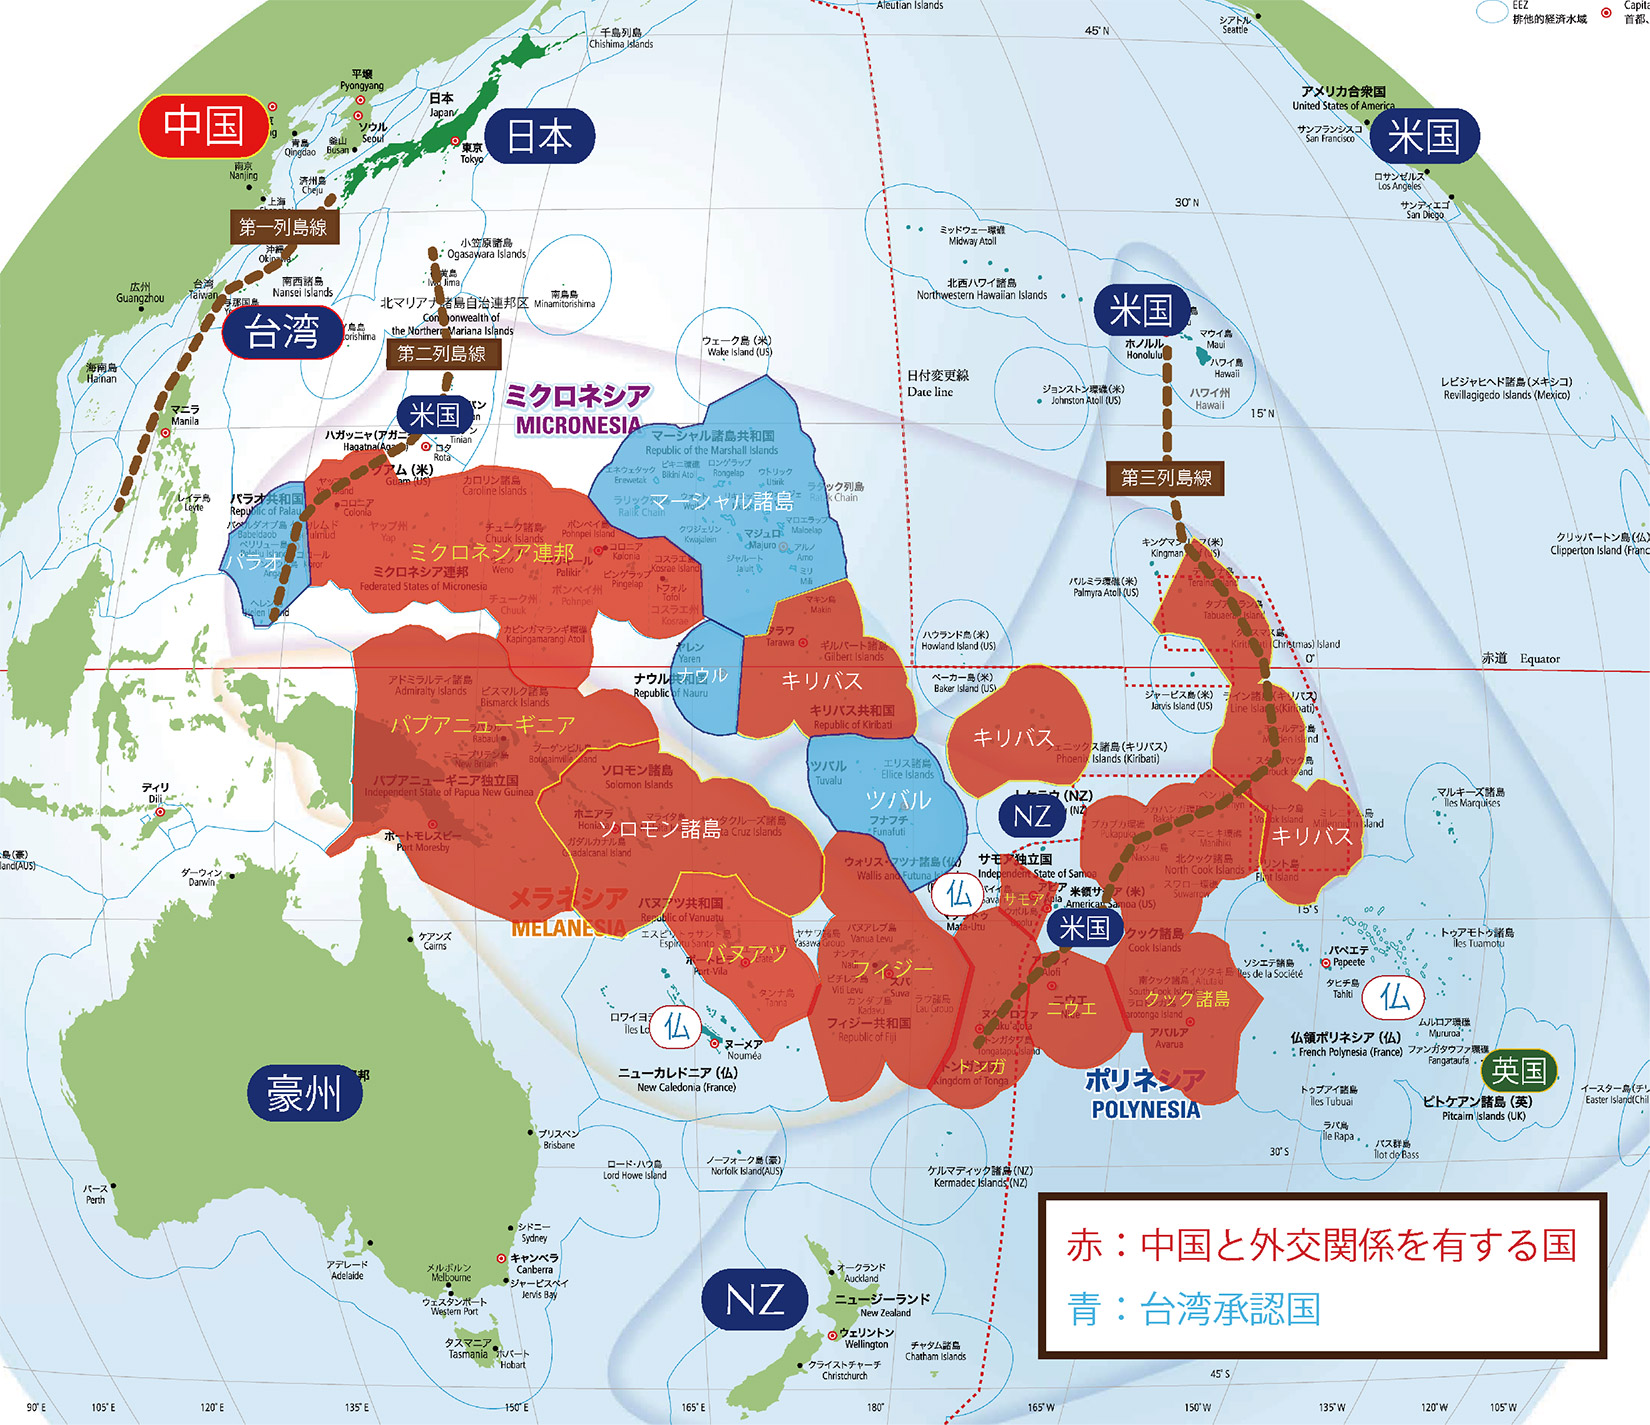 新しいステージに向かう日本と太平洋島嶼関係(2)-地域秩序変化の蠢き